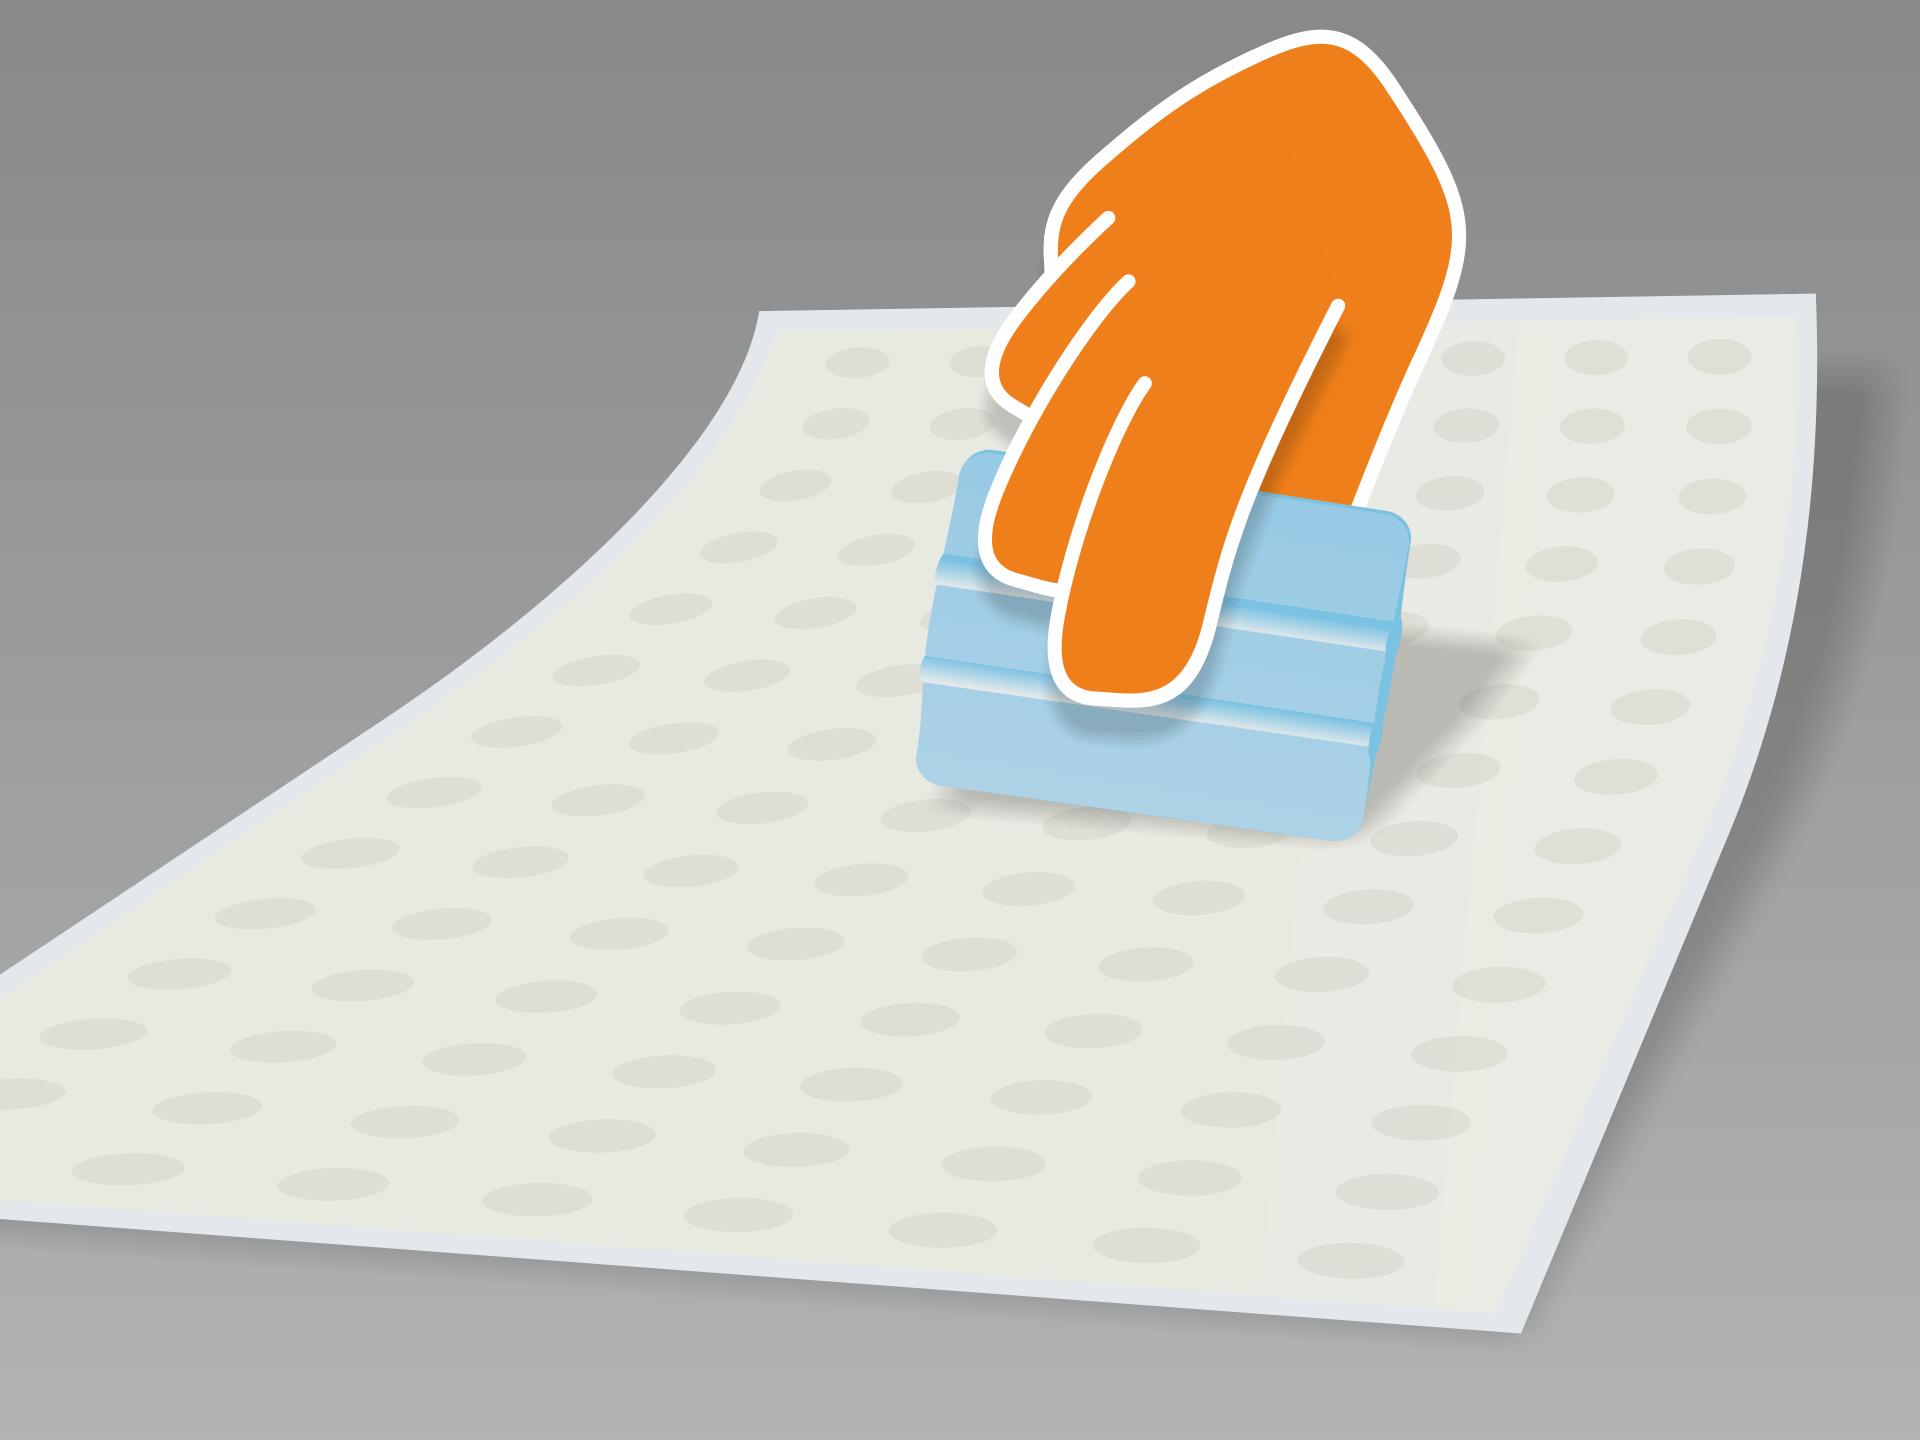 Folie auf einer glatten, sauberen Fläche ausrollen und mit Hilfe des Rakels (oder Kreditkarte) mit festem Druck jeweils über Vorder- und Rückseite streichen.